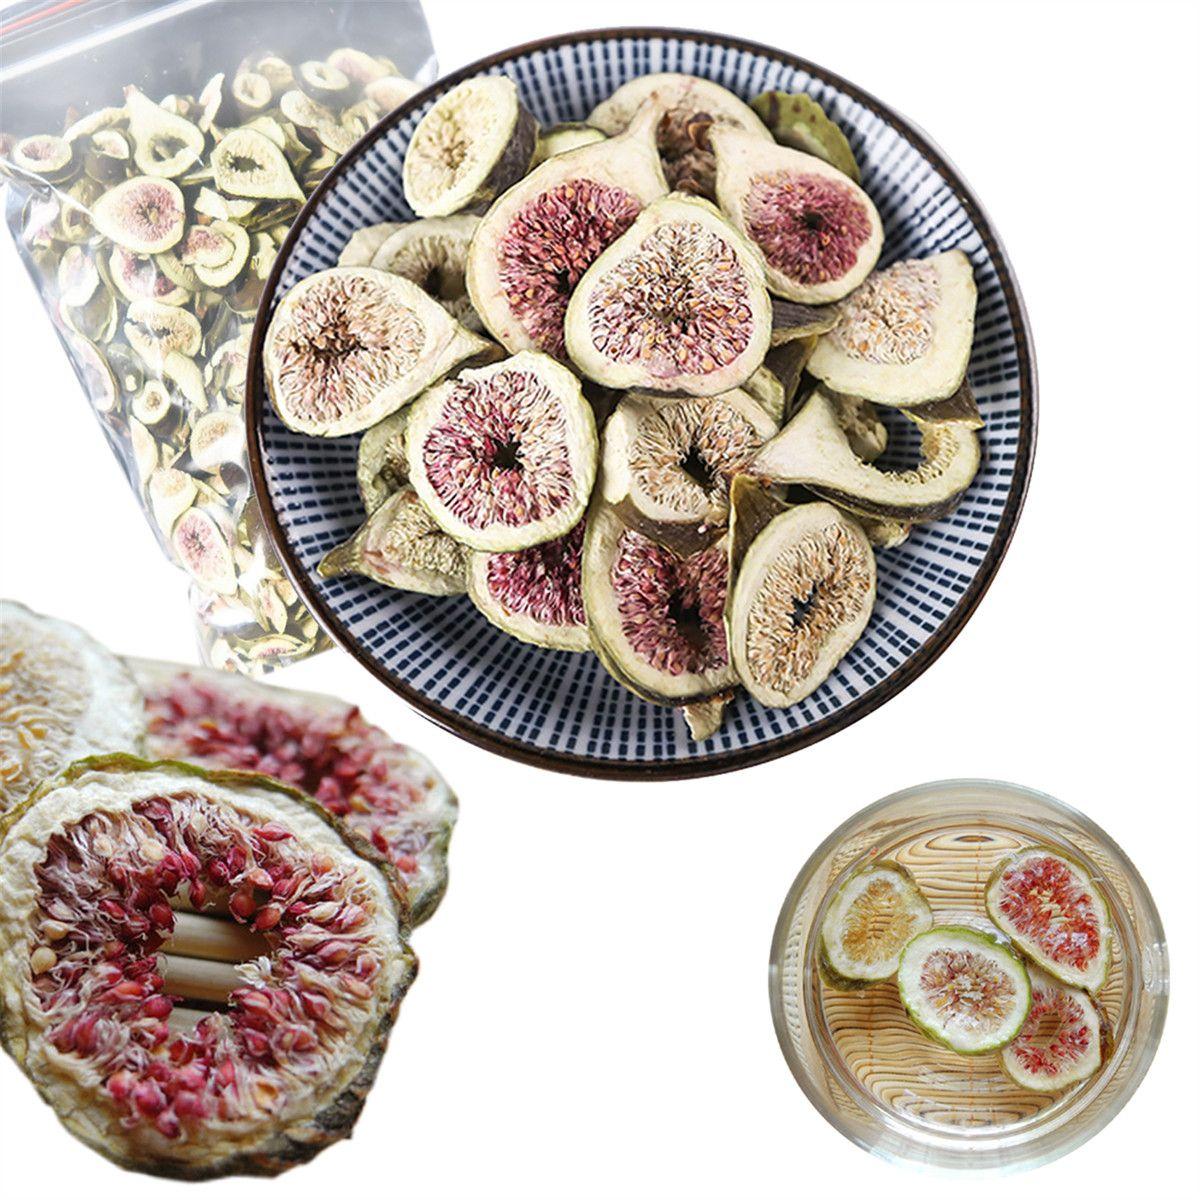 Tercih Şekil Kurutulmuş Meyve Çay Sağlık Çin Sincan Doğal Çiçek Çay Olmayan taze meyve Toplu Yeşil Gıda